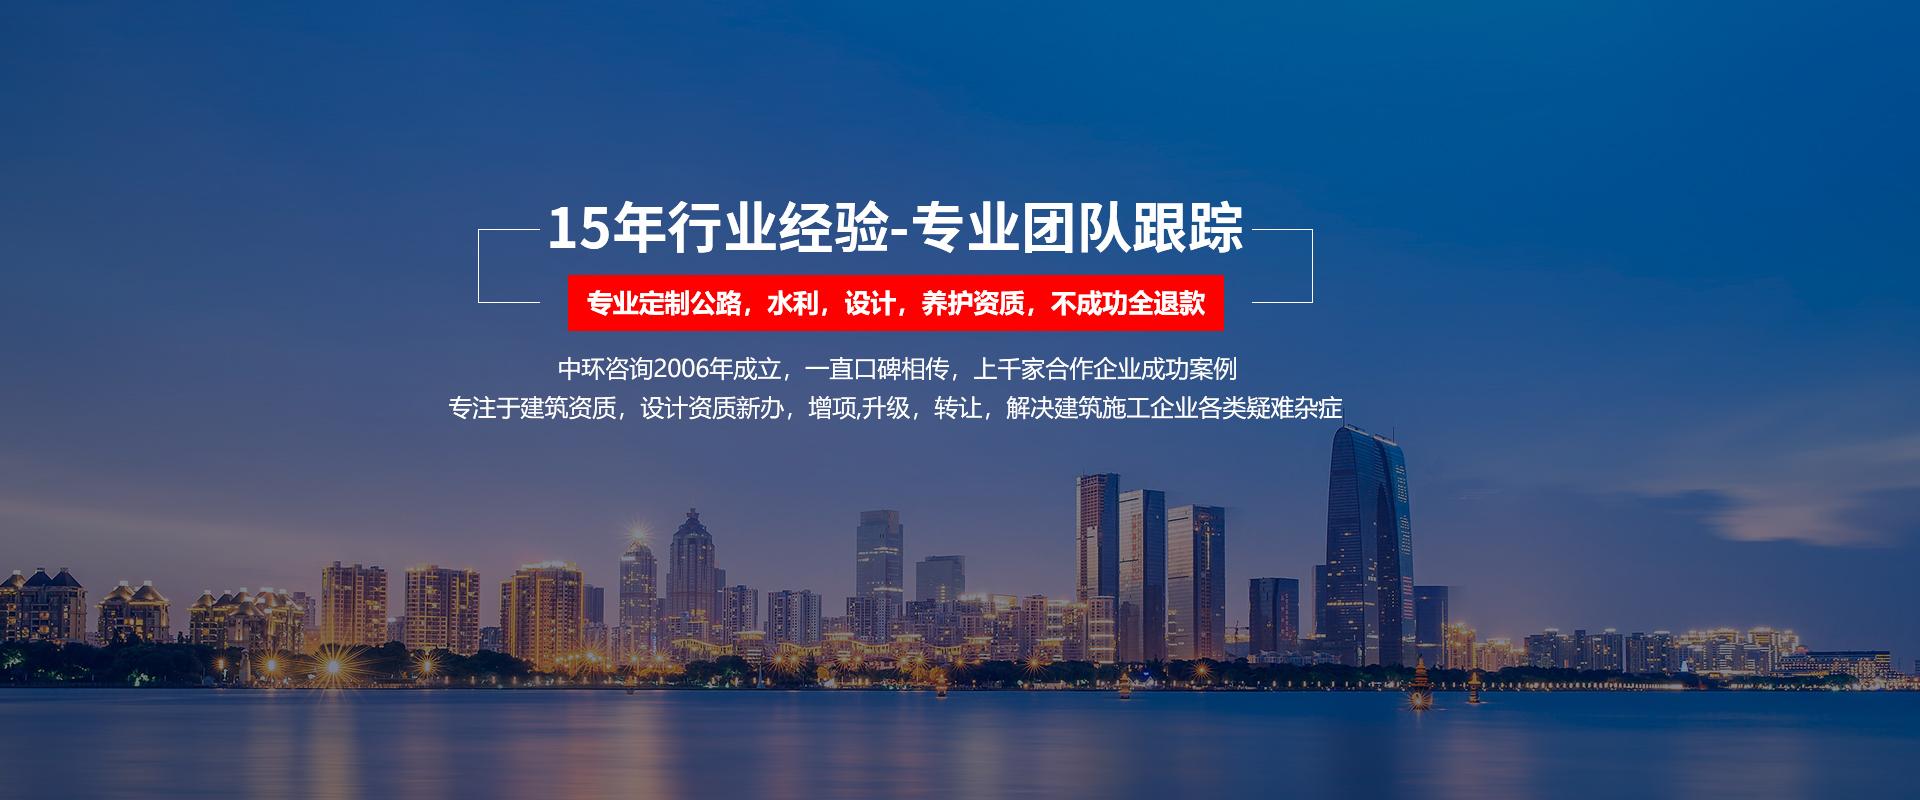 重庆建筑资质代办,重庆设计资质代办,重庆安全生产许可证代办,重庆施工承包资质代办